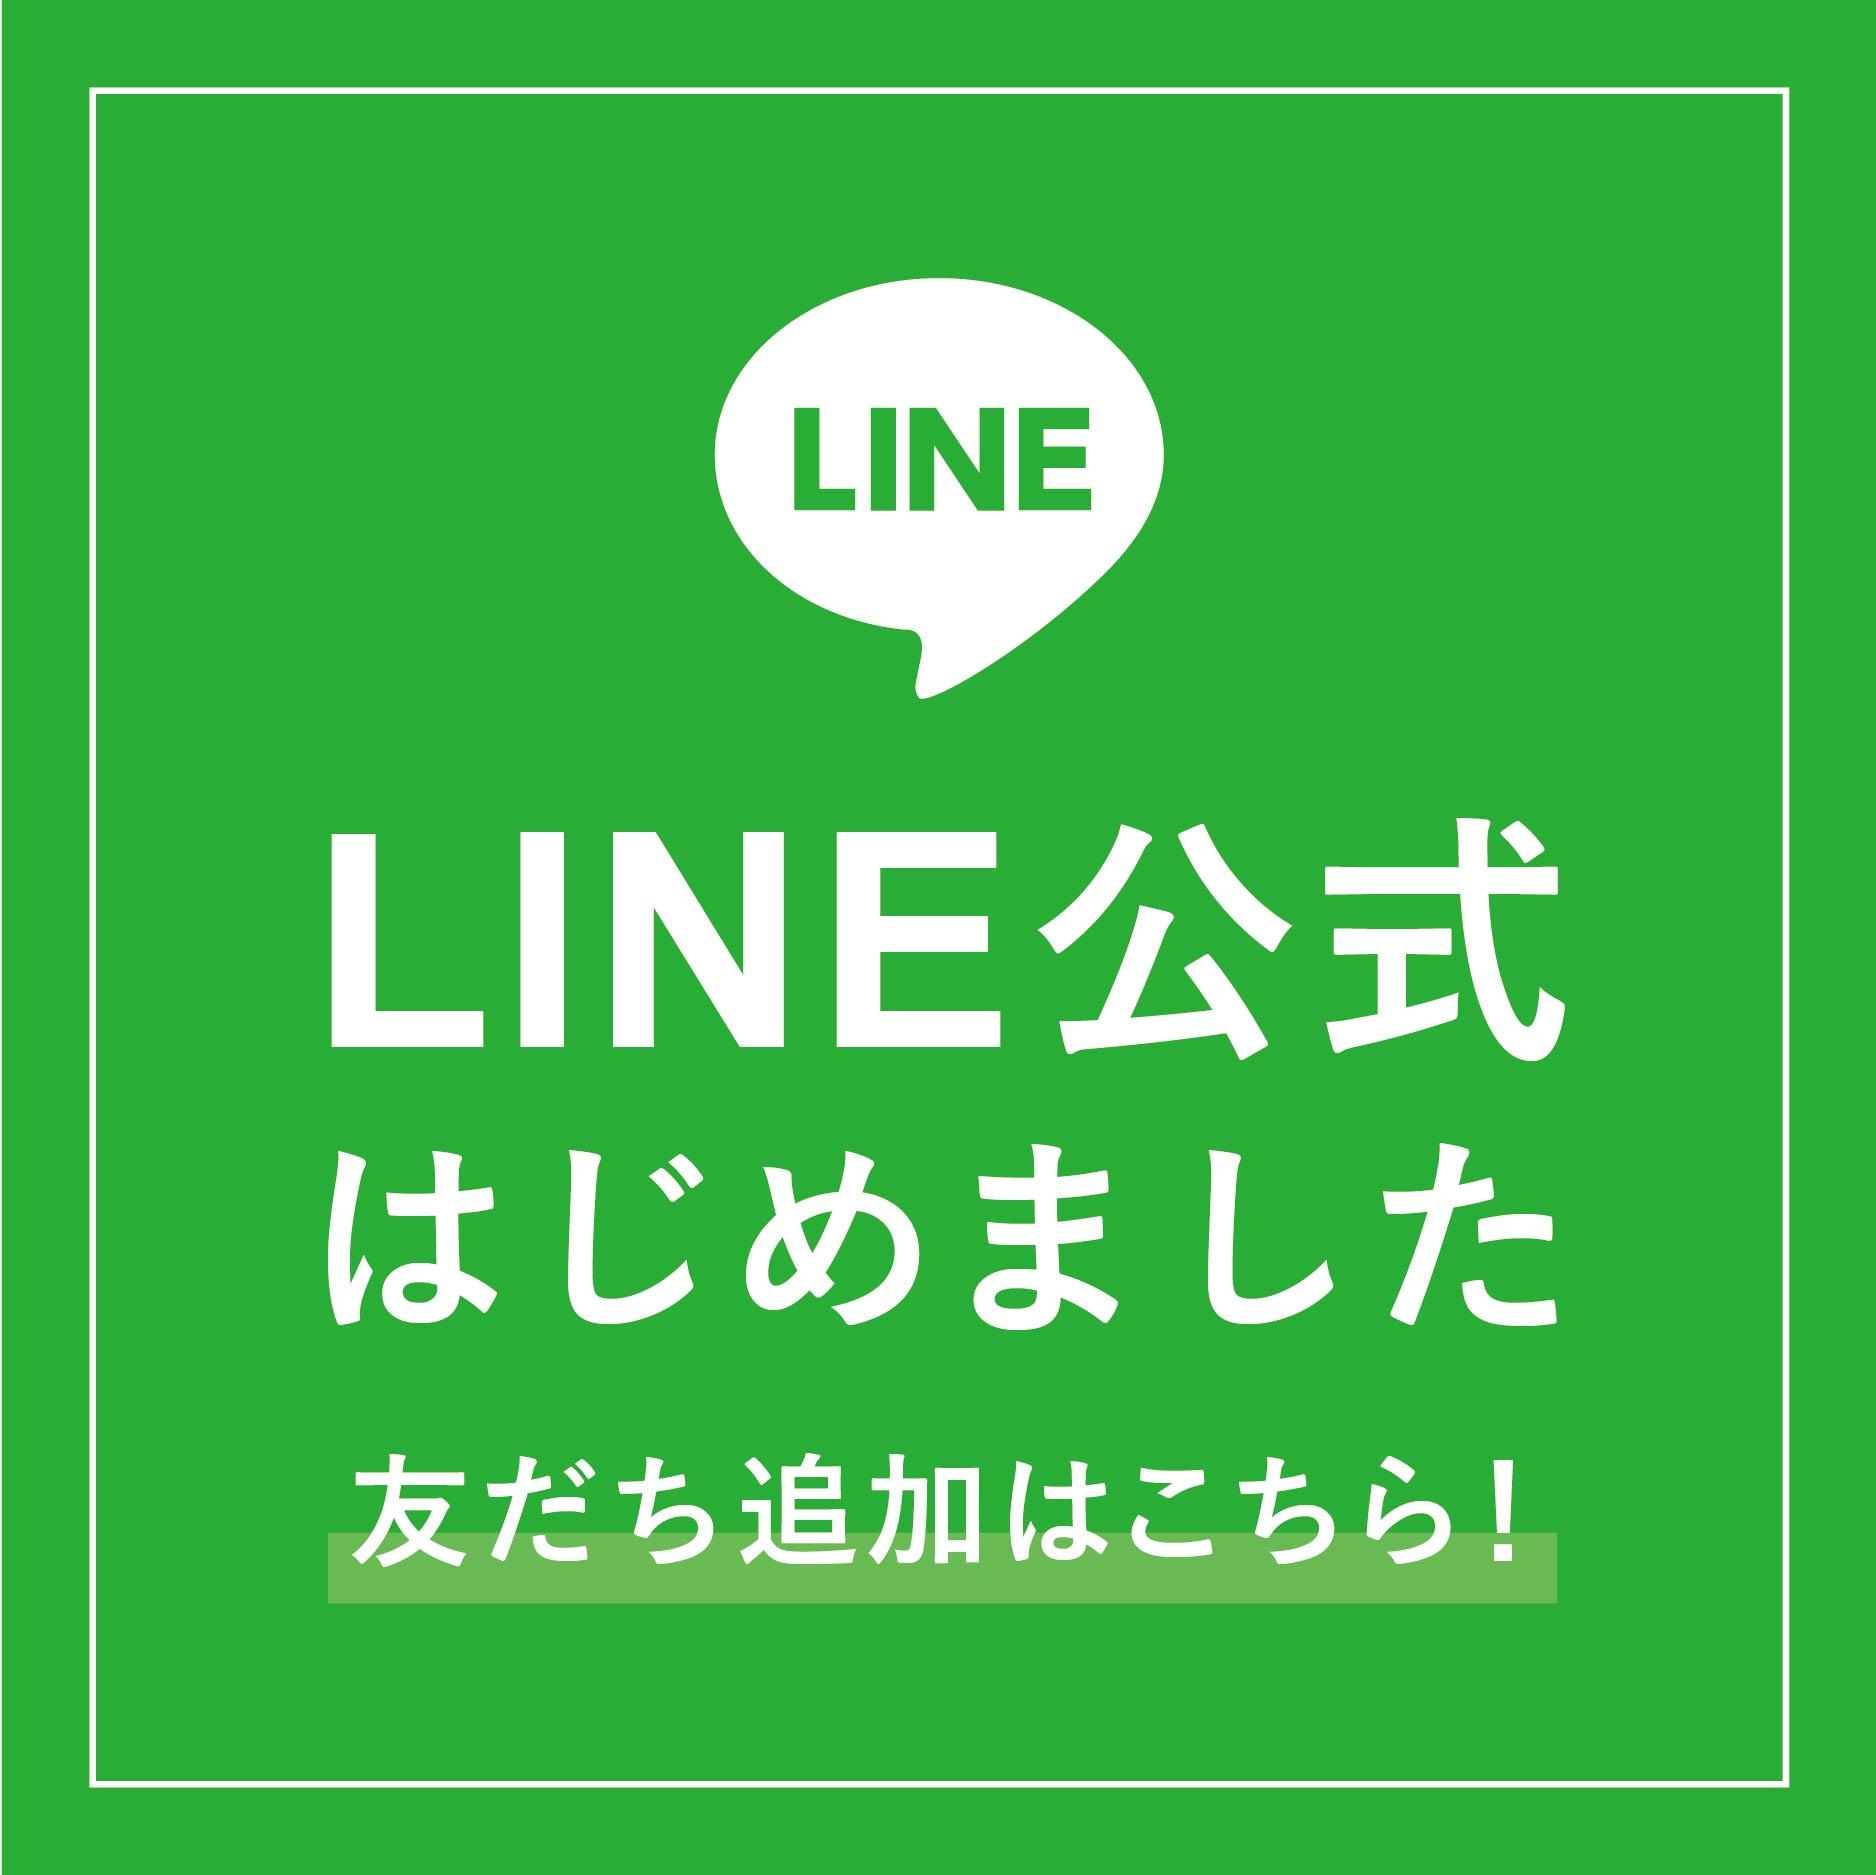 【全店対象】LINE公式スタート!友だち追加で、10%OFFクーポンGET!